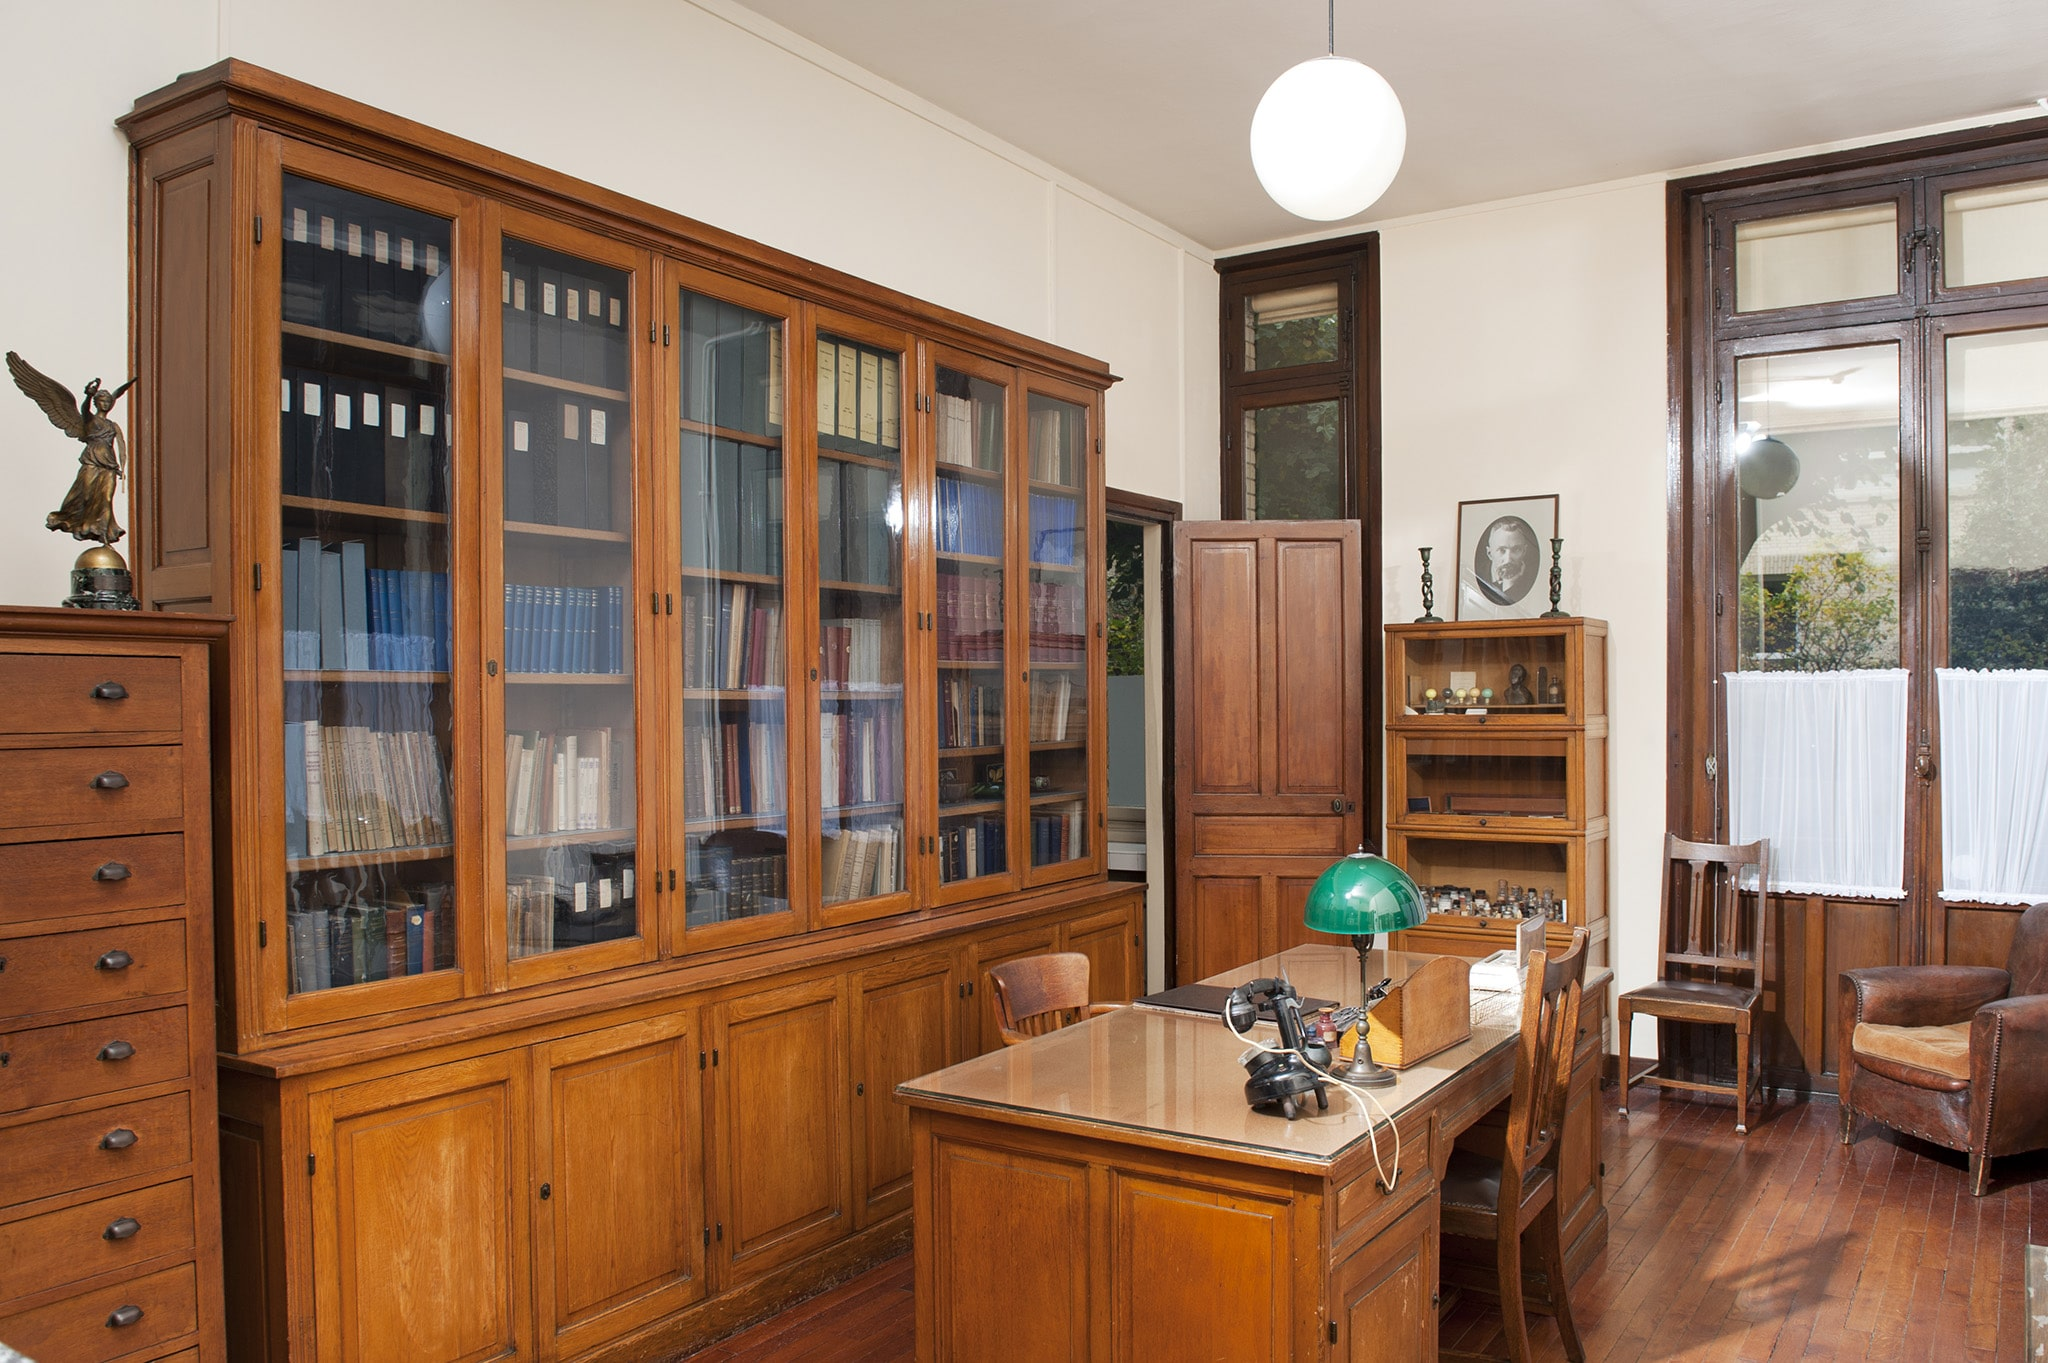 bureau musée marie curie paris